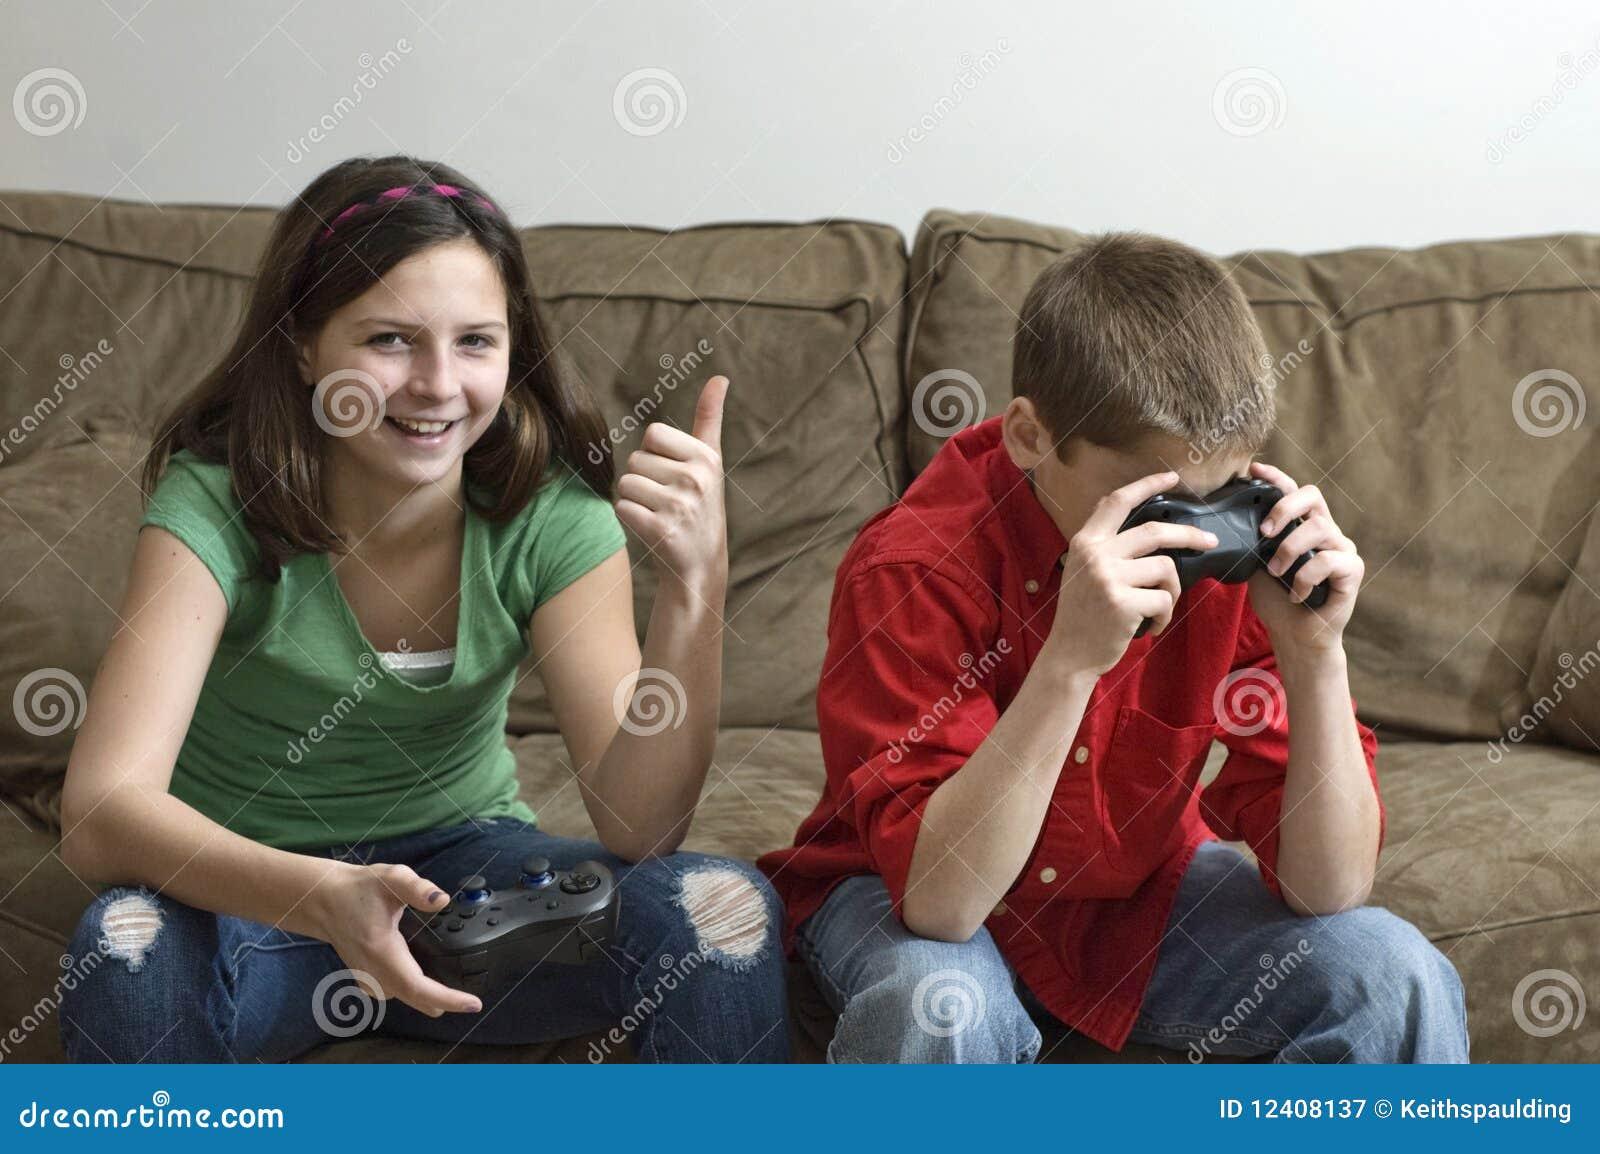 Русское брат кончил в сестру, Брат зашёл к сестре))) смотреть онлайн видео брат 22 фотография